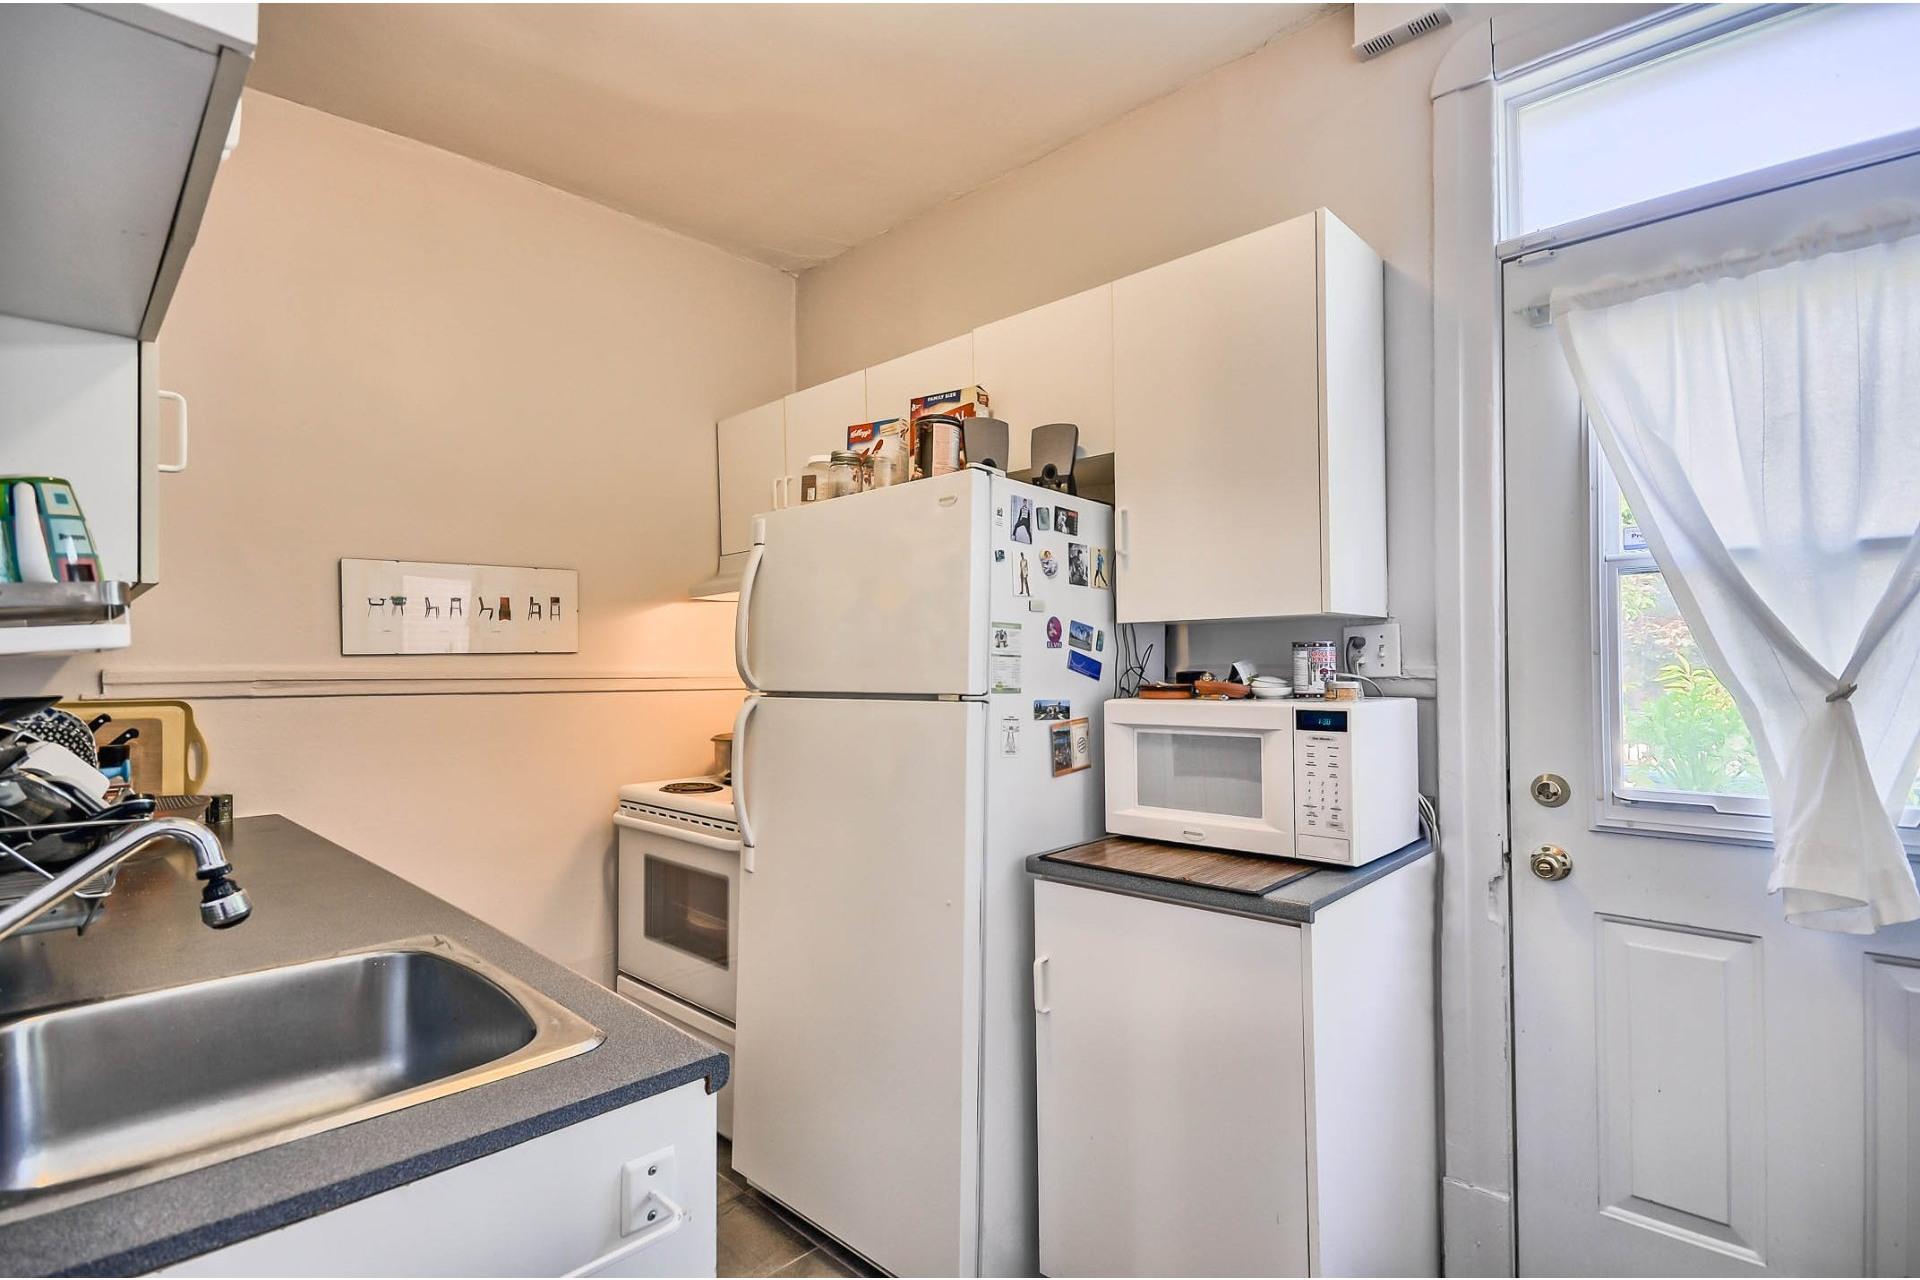 image 22 - Duplex À vendre Montréal Rosemont/La Petite-Patrie  - 10 pièces